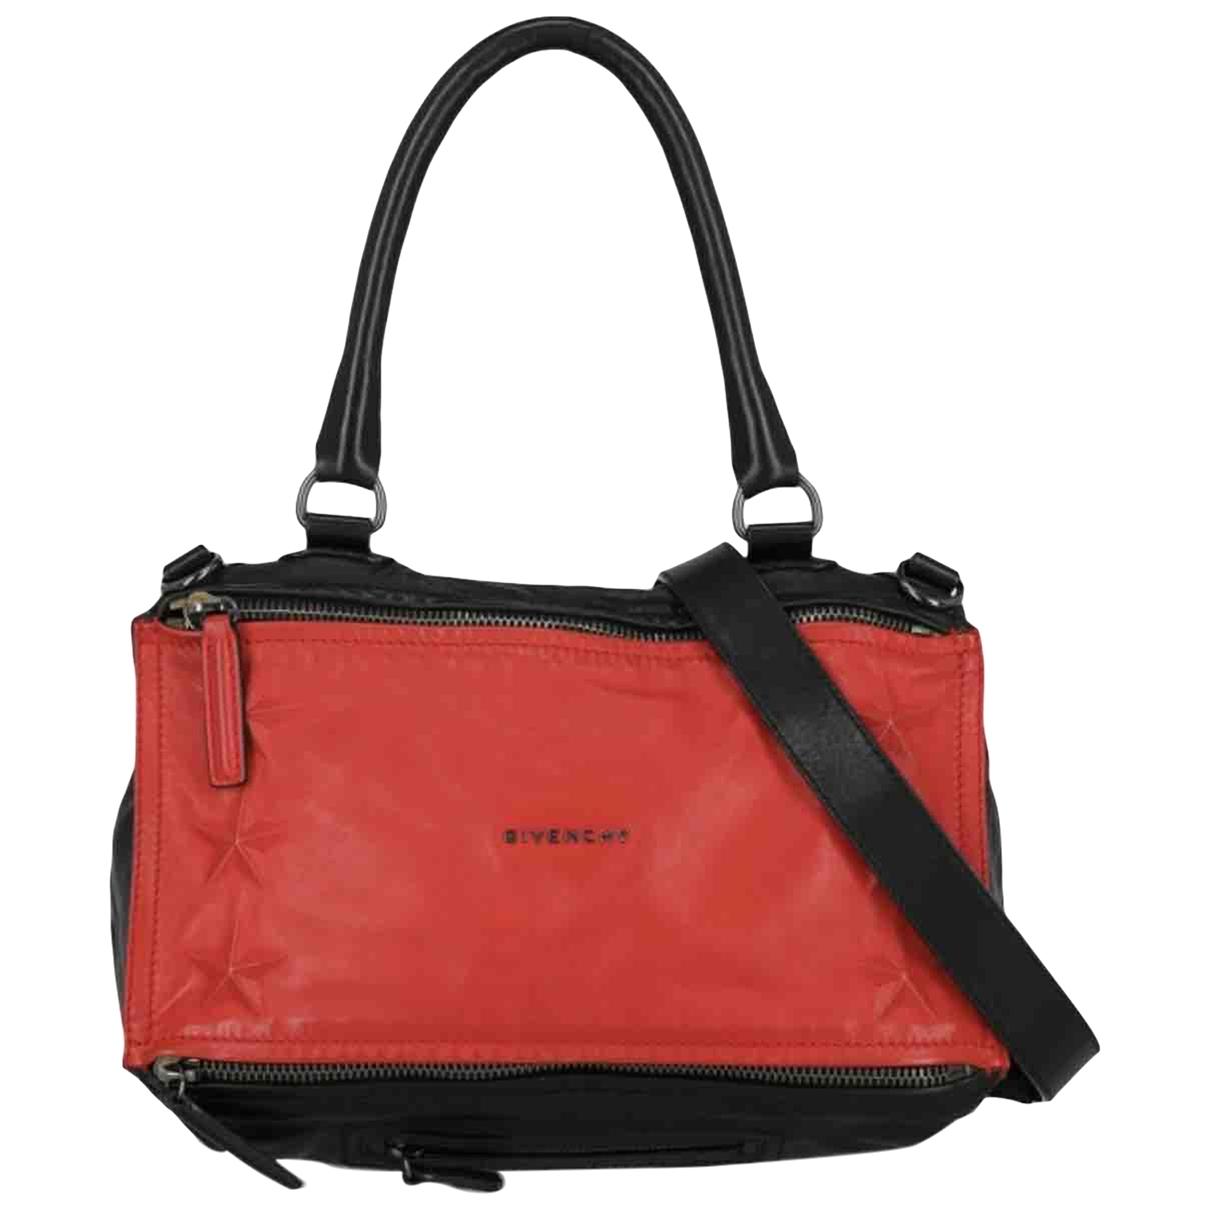 Givenchy - Sac a main Pandora pour femme en cuir - noir